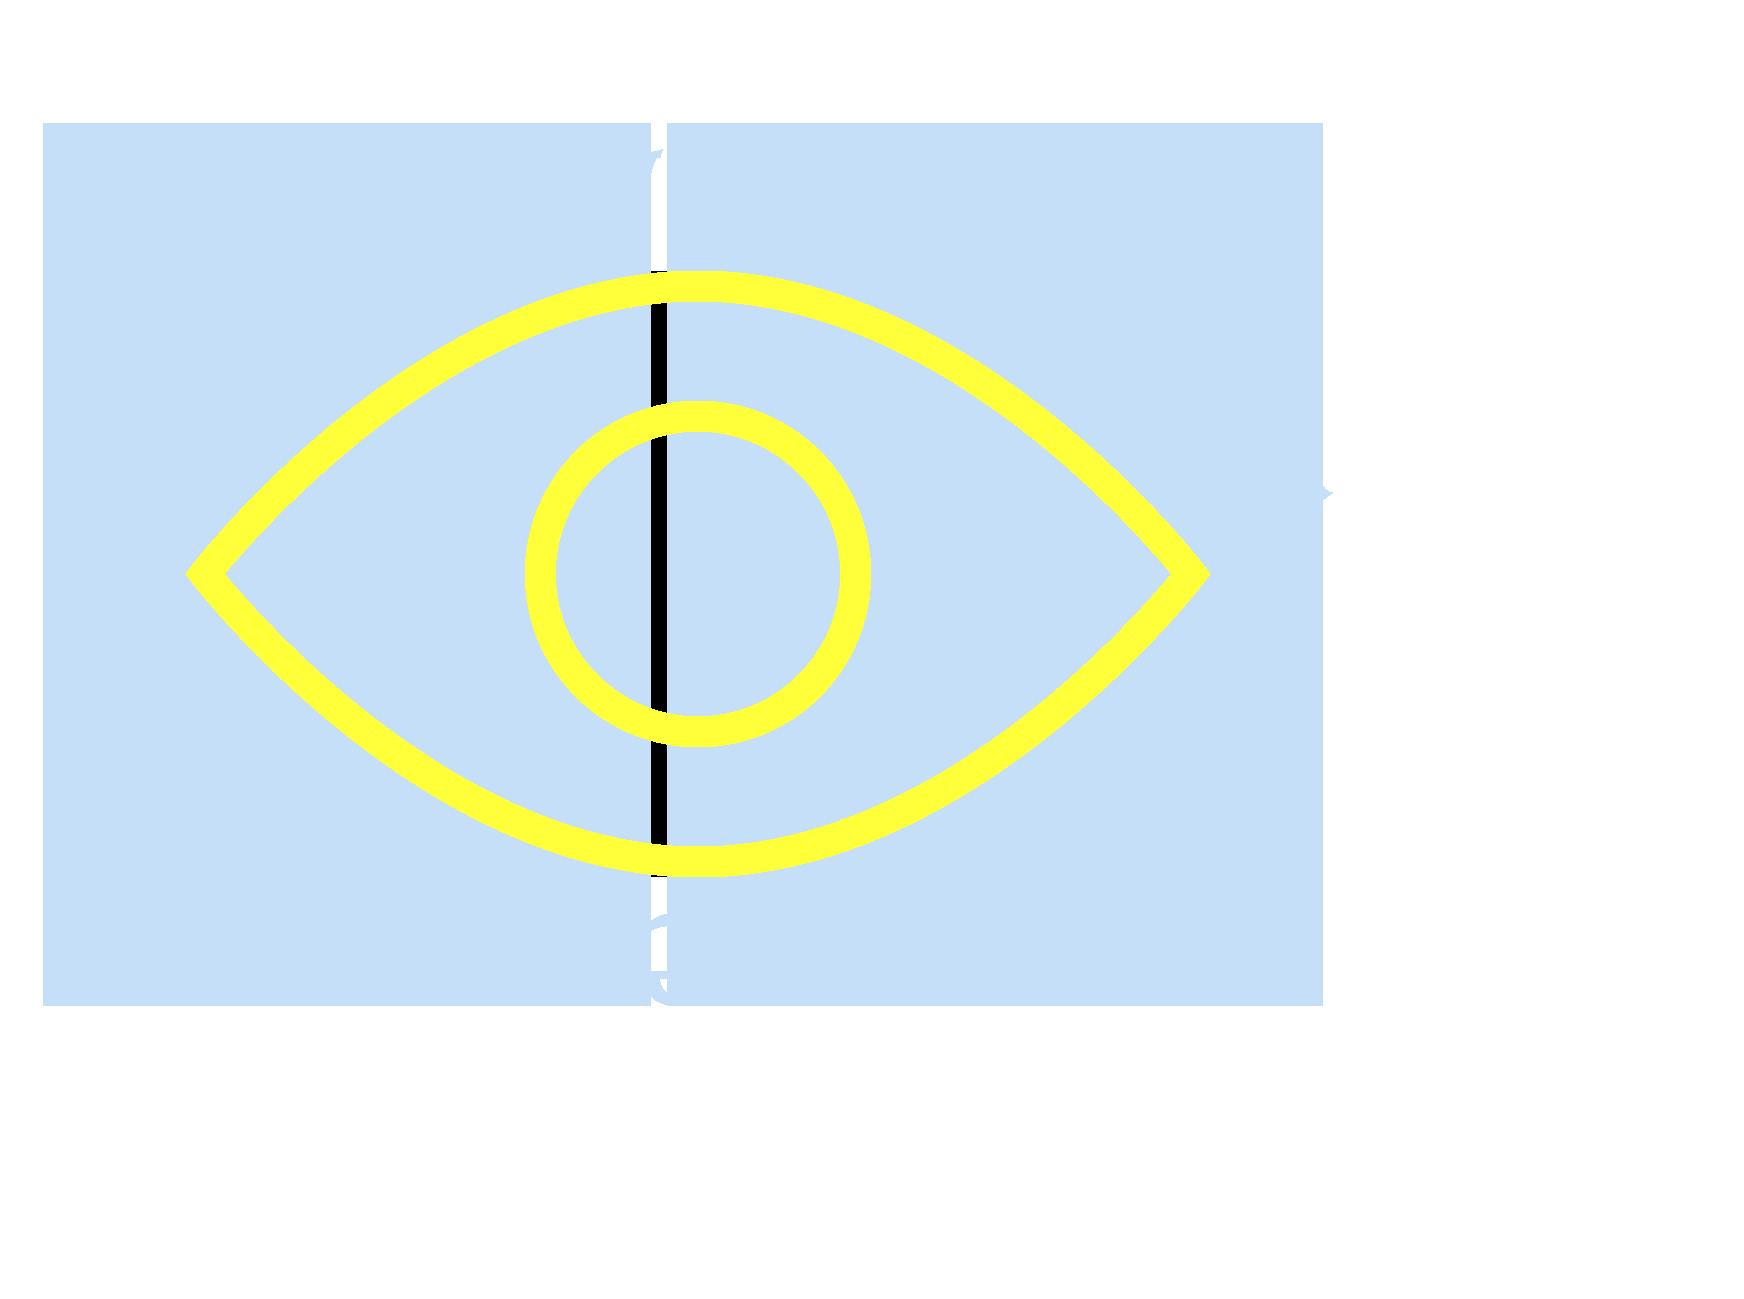 Het marketing oog, trekt de doelgroep aan, HBB advertising Rotterdam, Creatief, Advertising, Ideeën, Productie, Geïntegreerde campagne, Cross media campagne, B2B advertising, marketing, b2b marketing